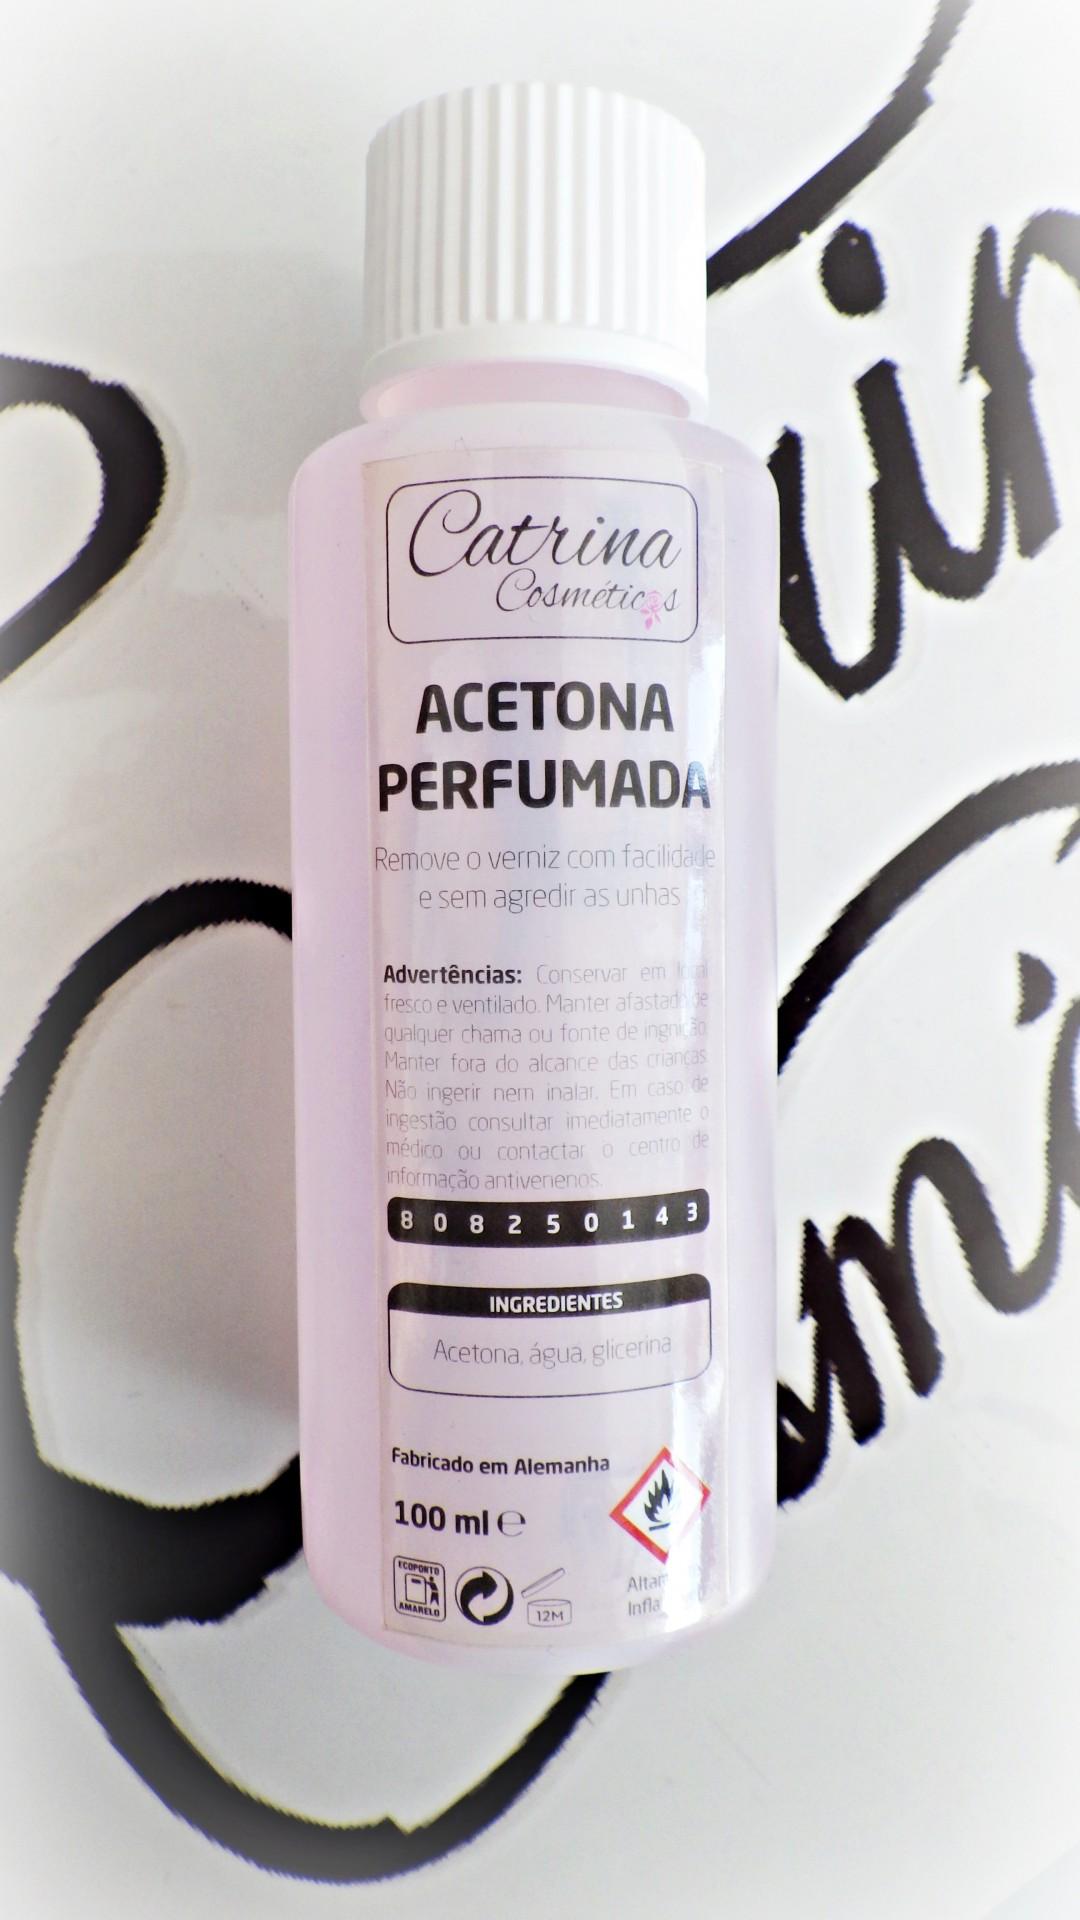 Acetona Catrina